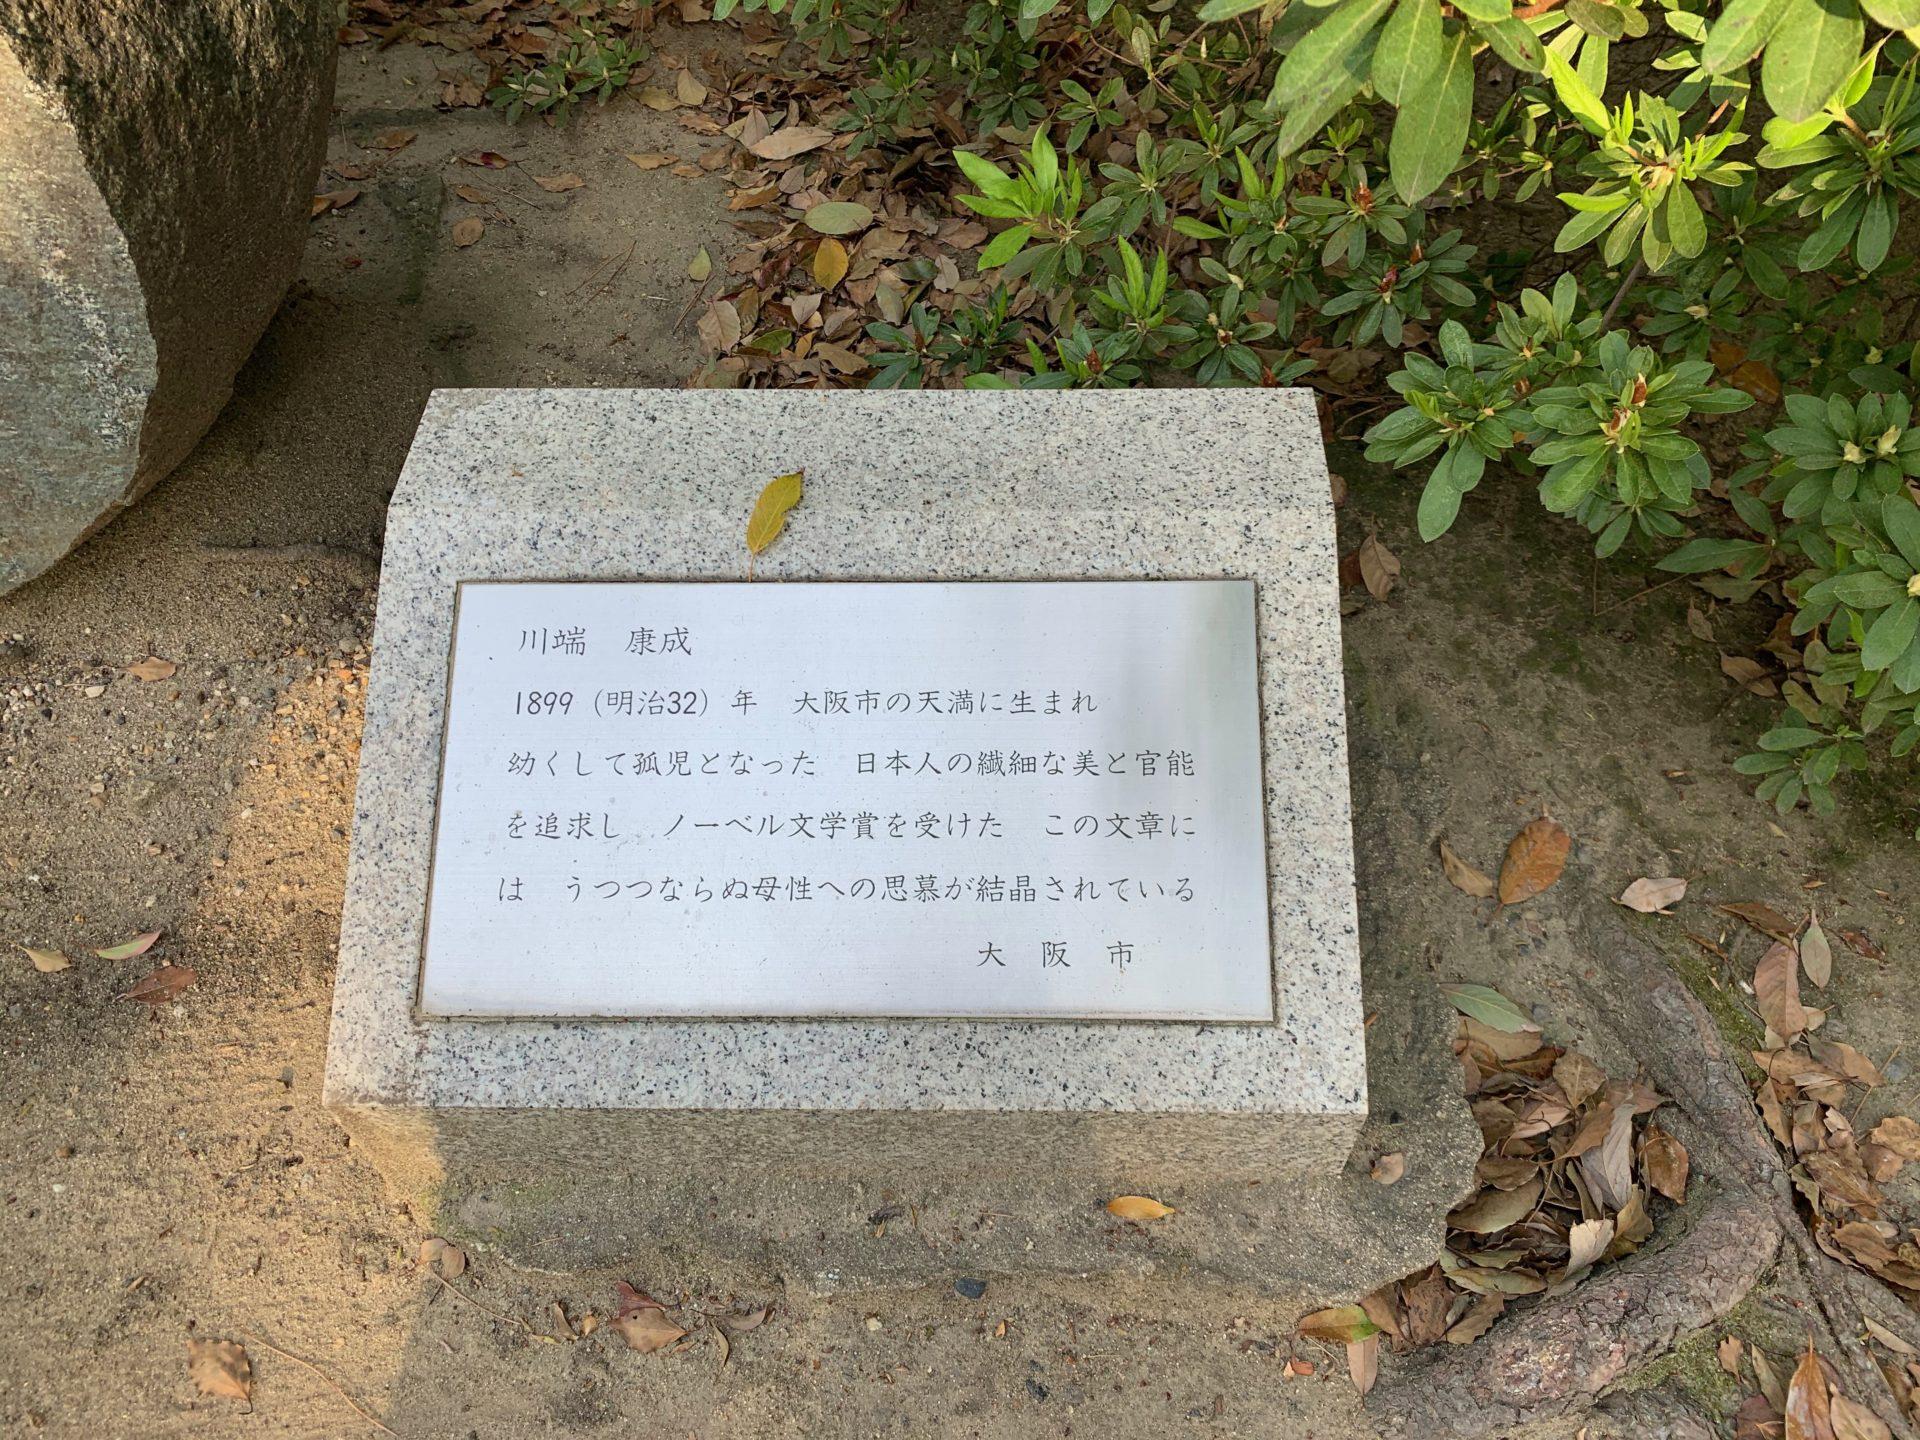 川端康成の文学碑の案内